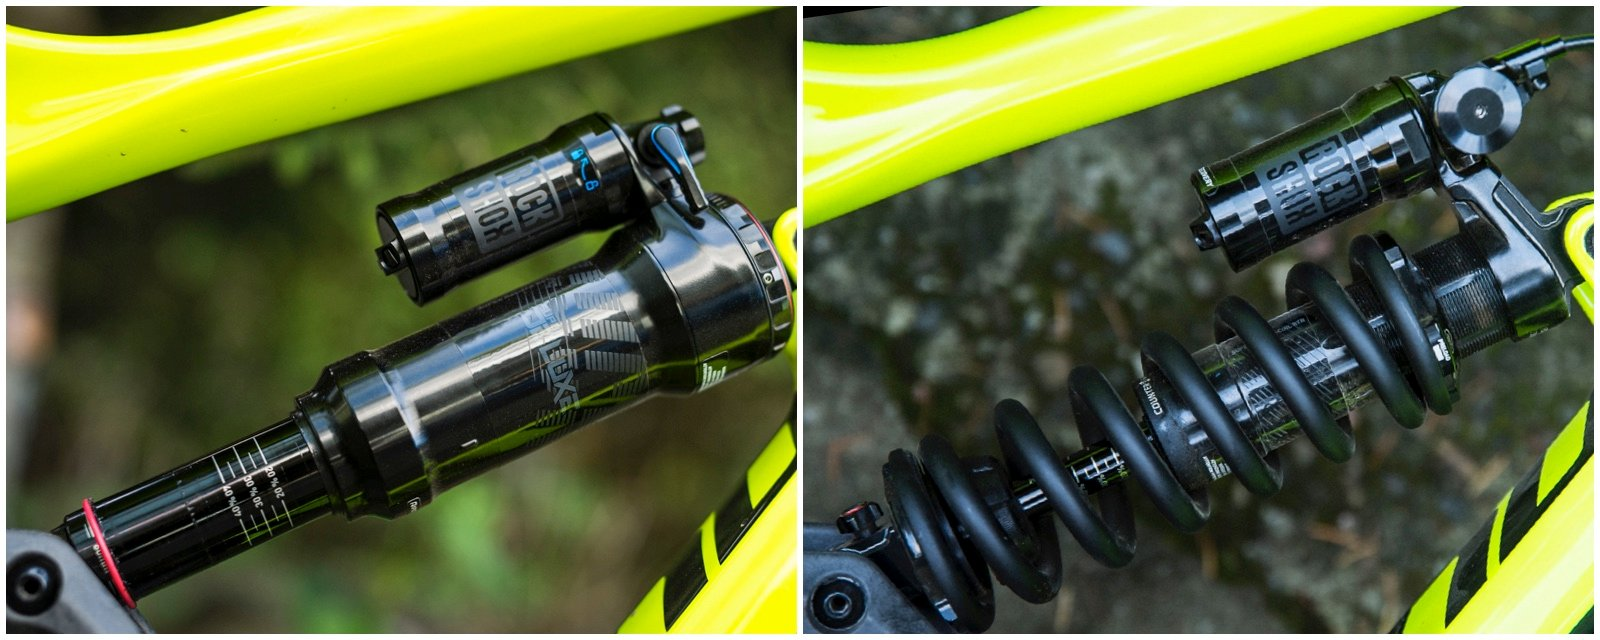 MTB-MAG COM - Mountain Bike Magazine | Air vs  Coil – A